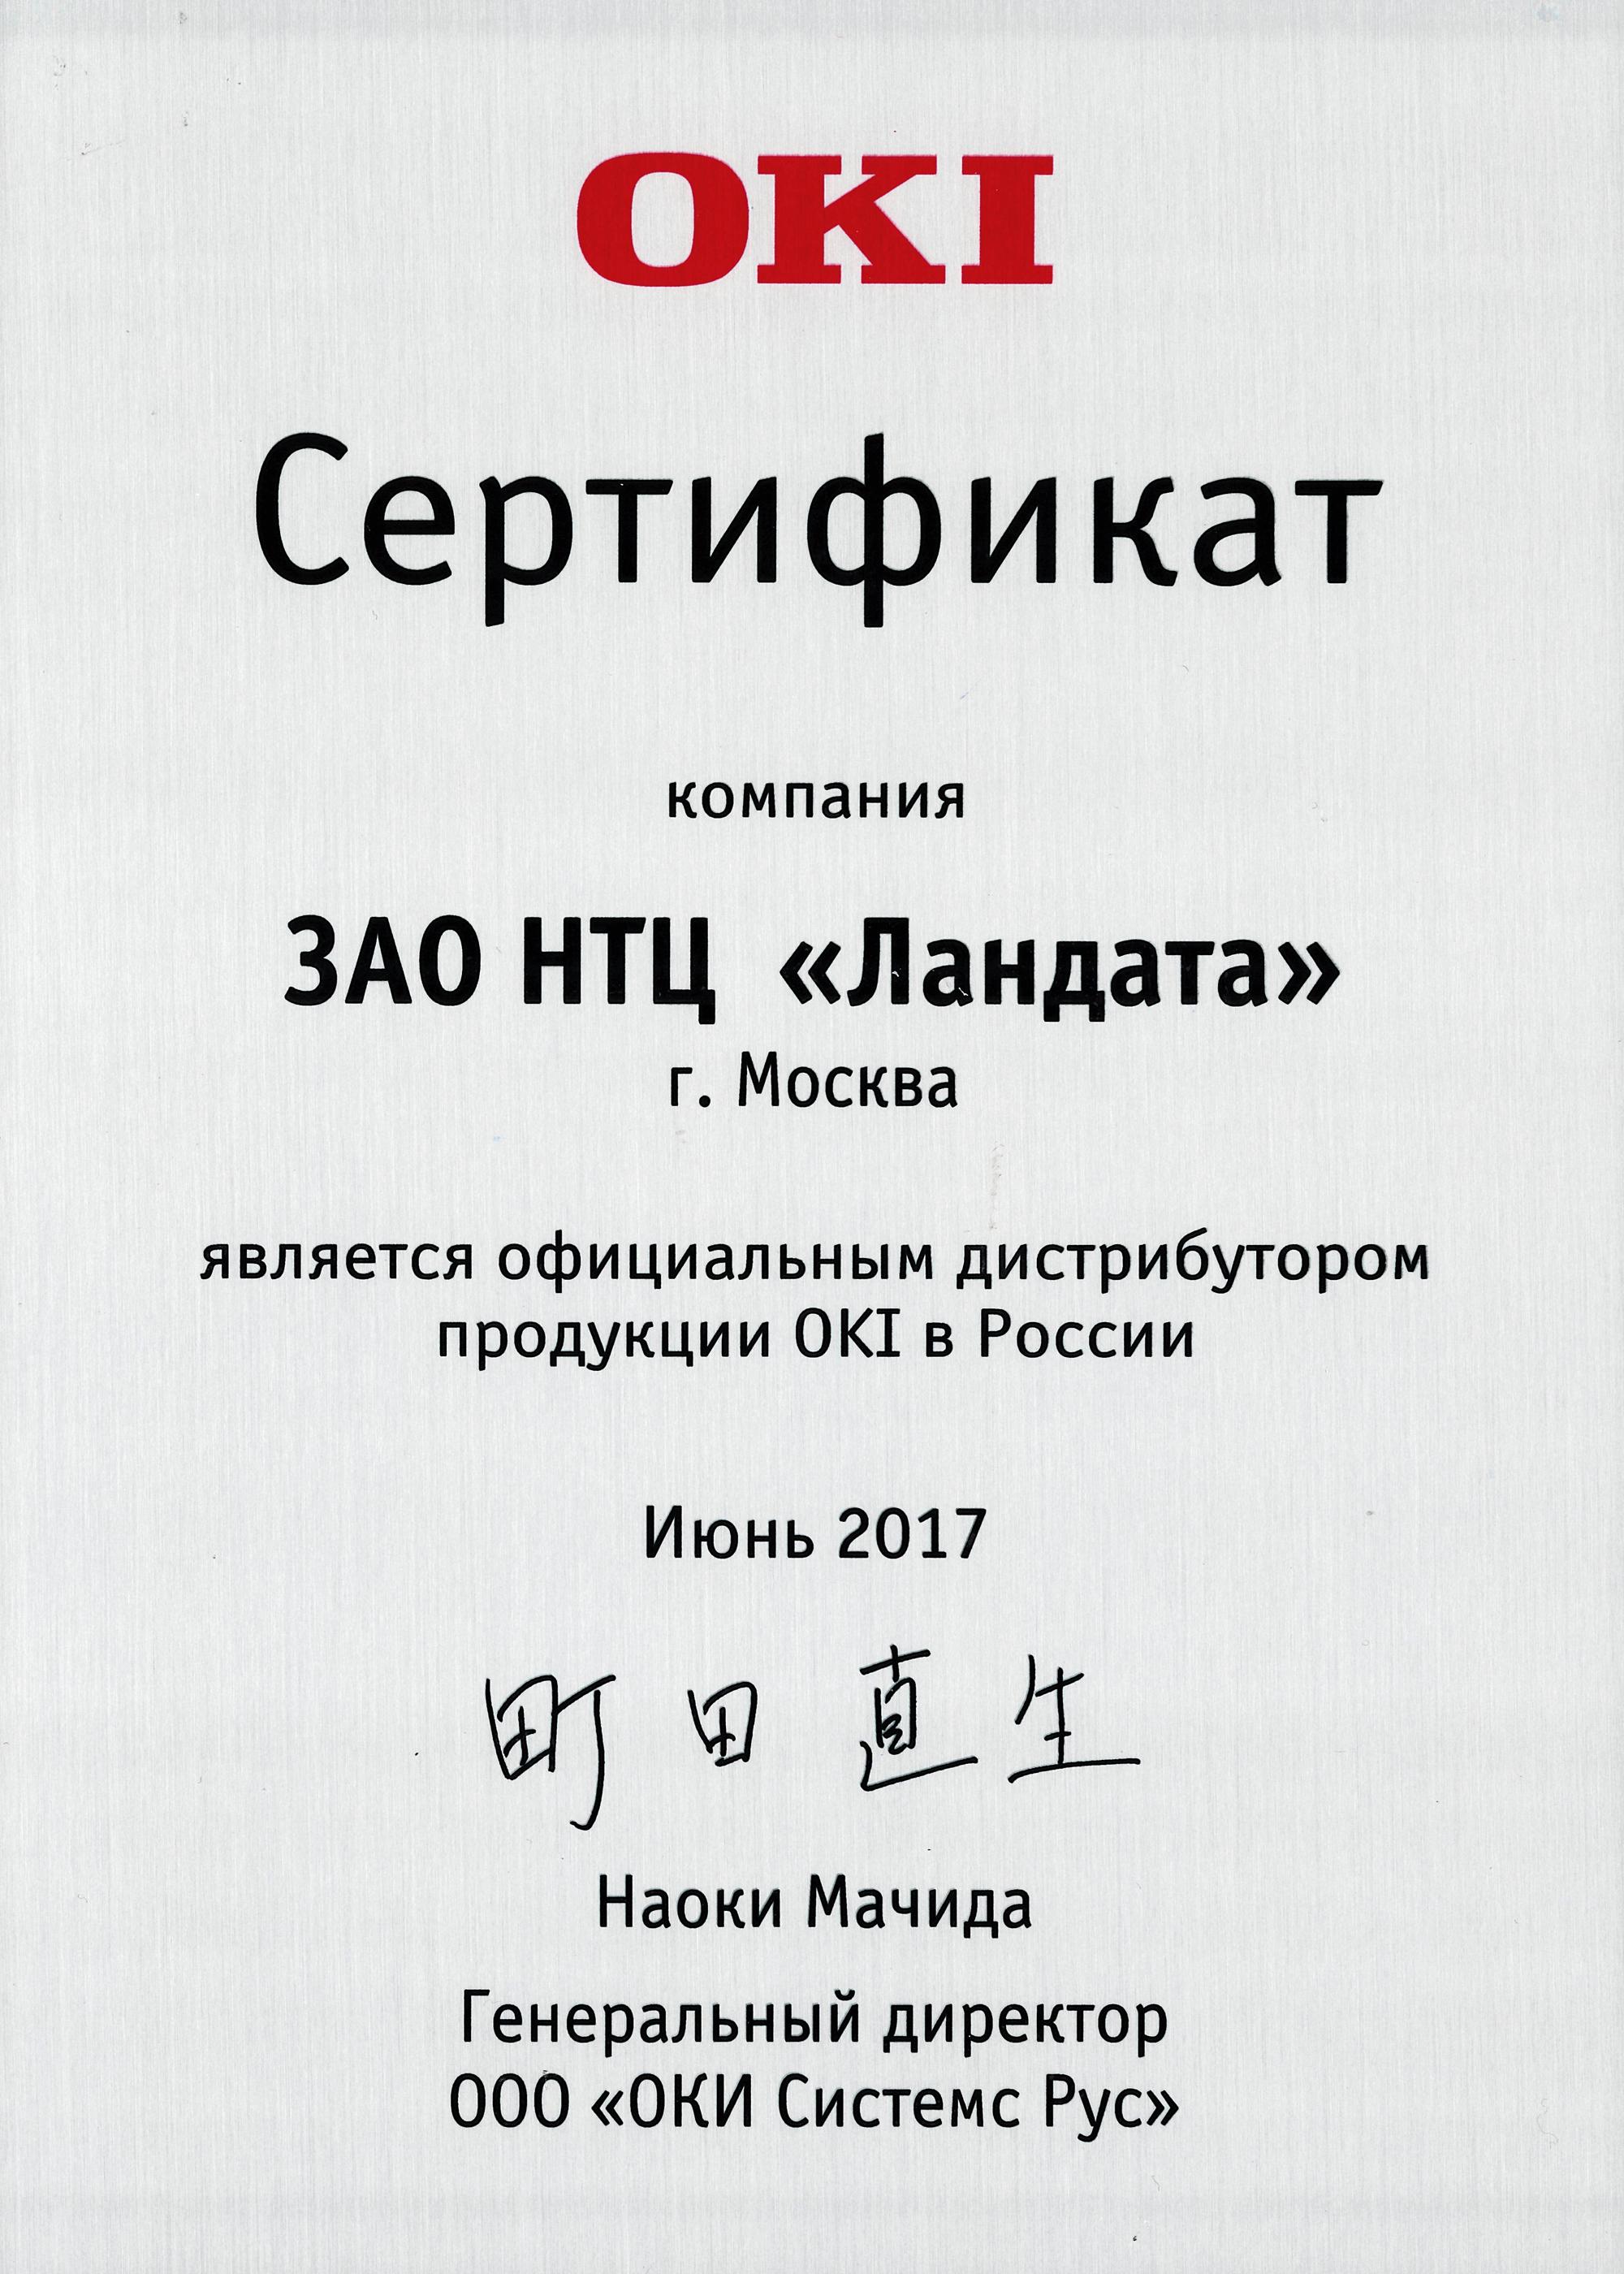 Дипломы и сертификаты Сертификат подтверждает что компания вошла в ТОП 5 рейтинга Лучшие российские ИТ дистрибуторы 2017 по версии crn re в номинации Лучший